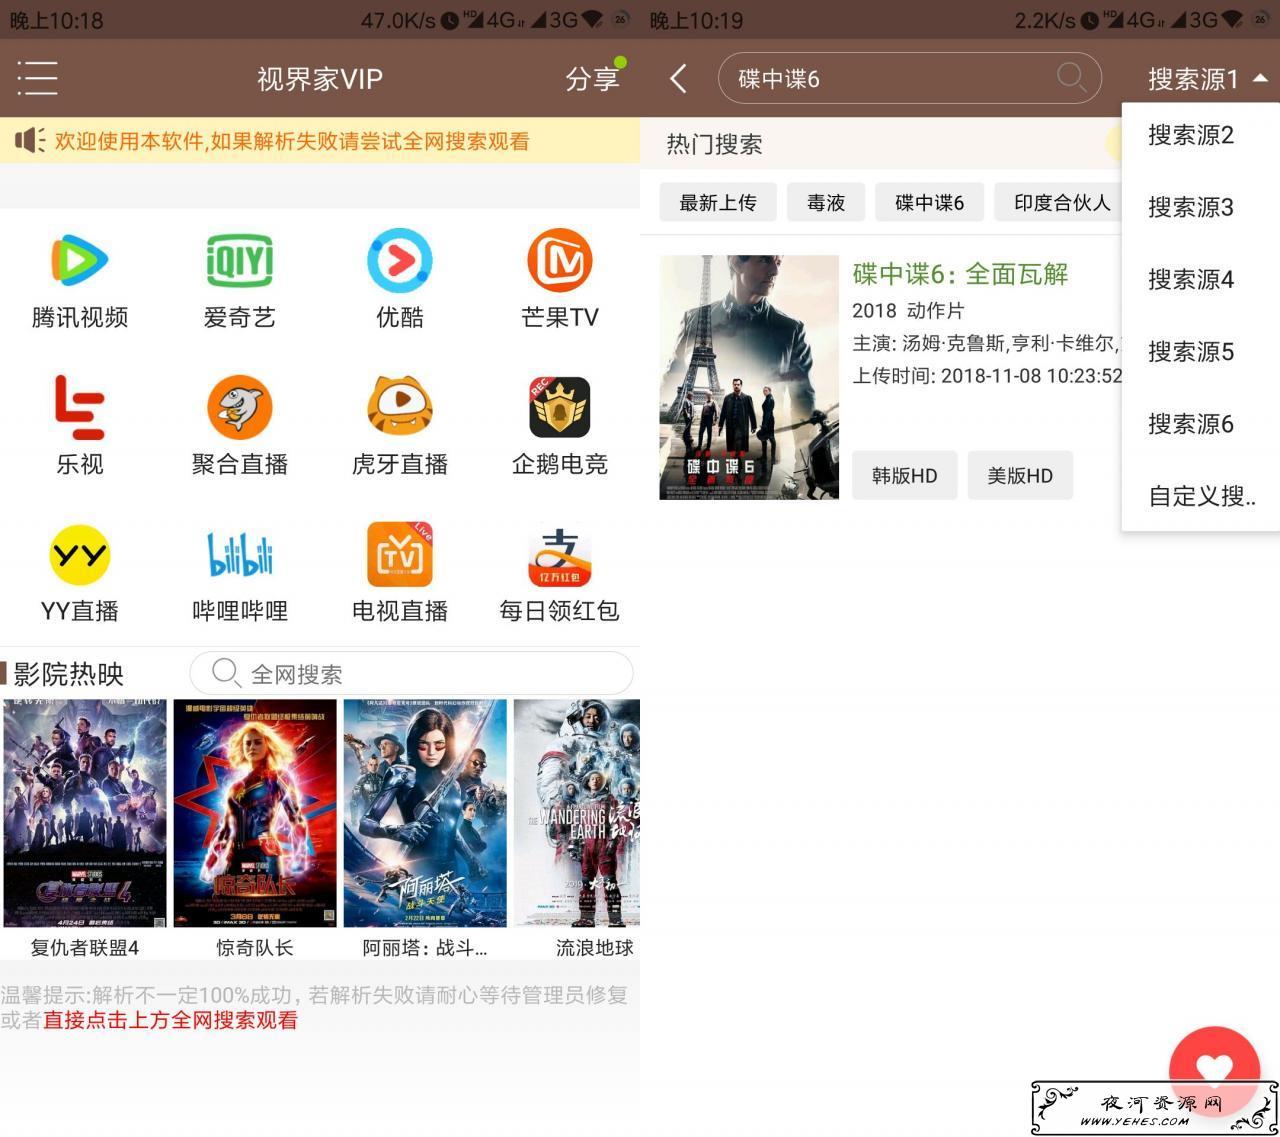 视界家v2.04去广告去升级版 免费影视神器